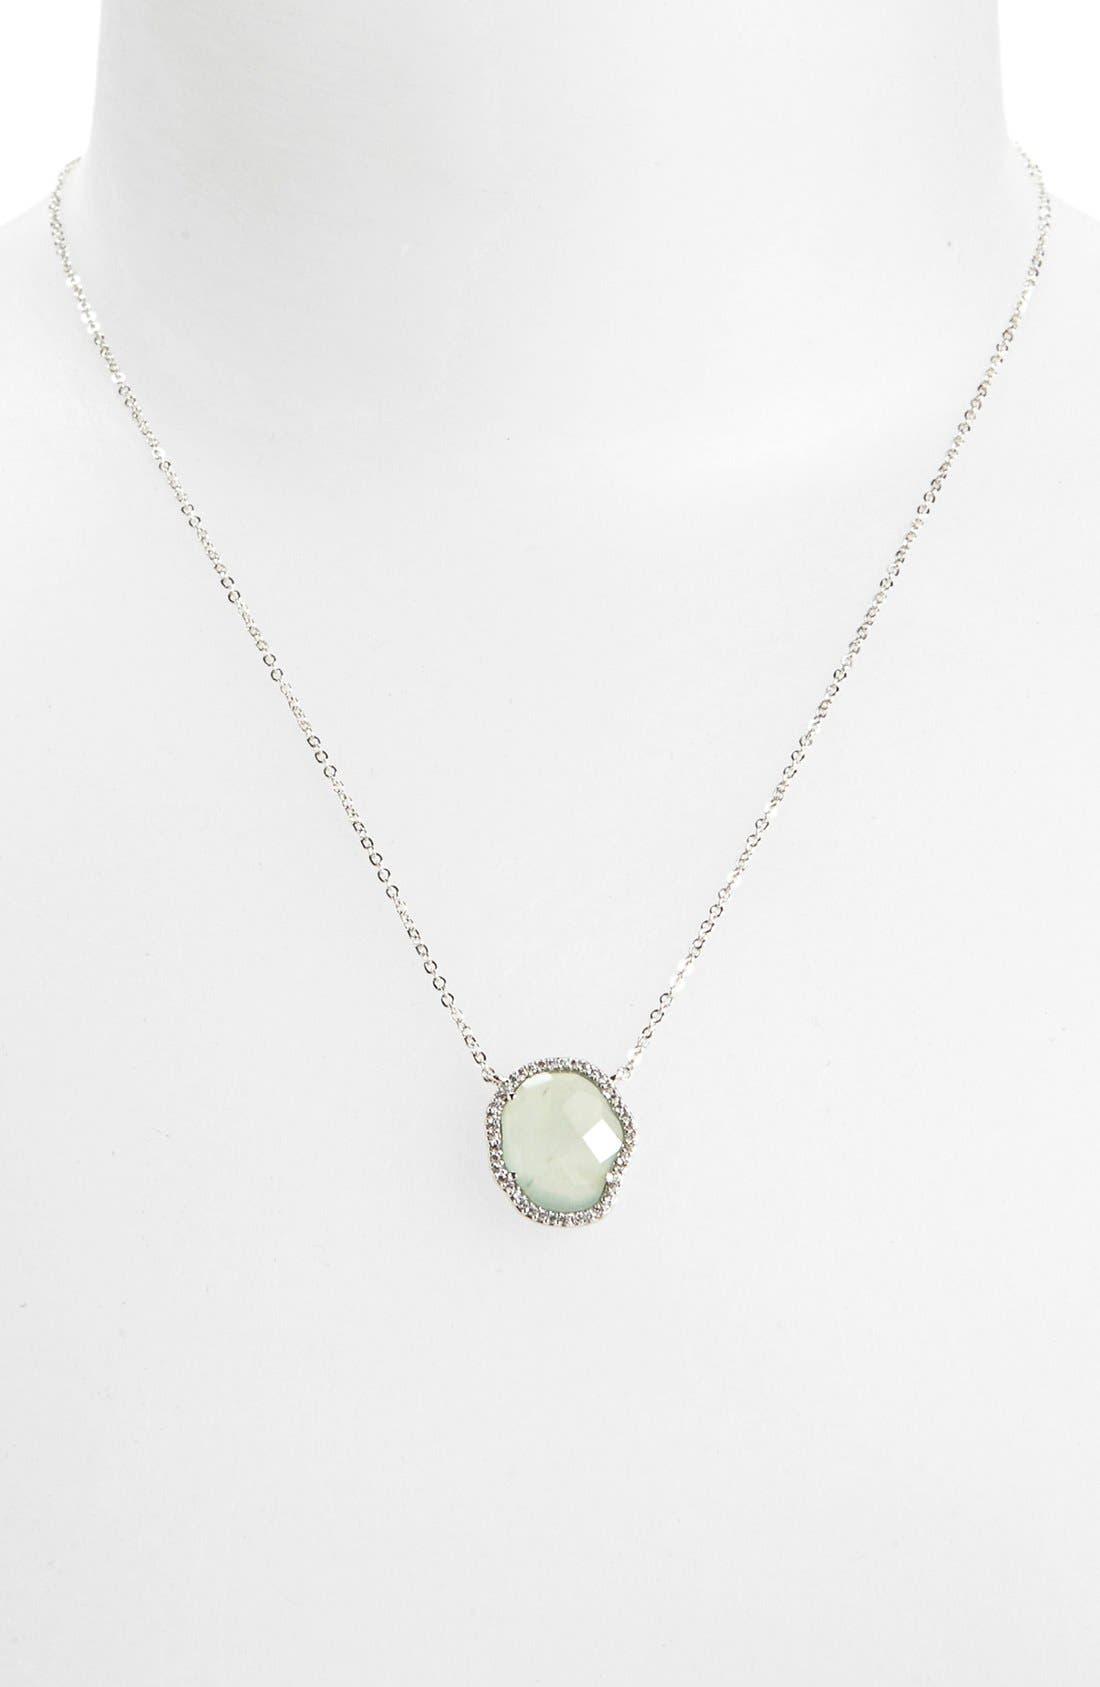 Main Image - Nadri Aquamarine Pendant Necklace (Nordstrom Exclusive)